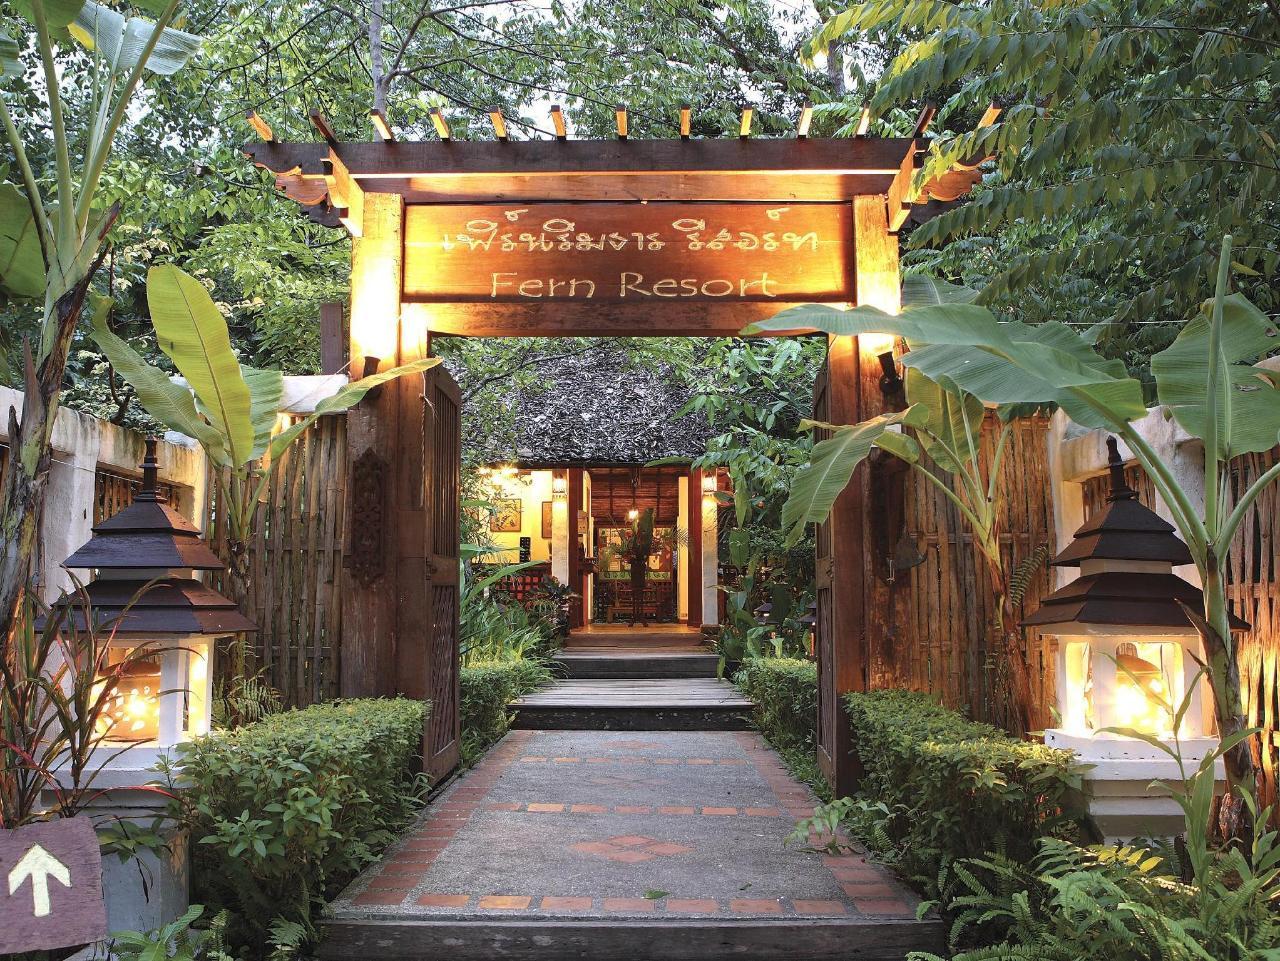 เฟิร์น รีสอร์ท (Fern Resort)